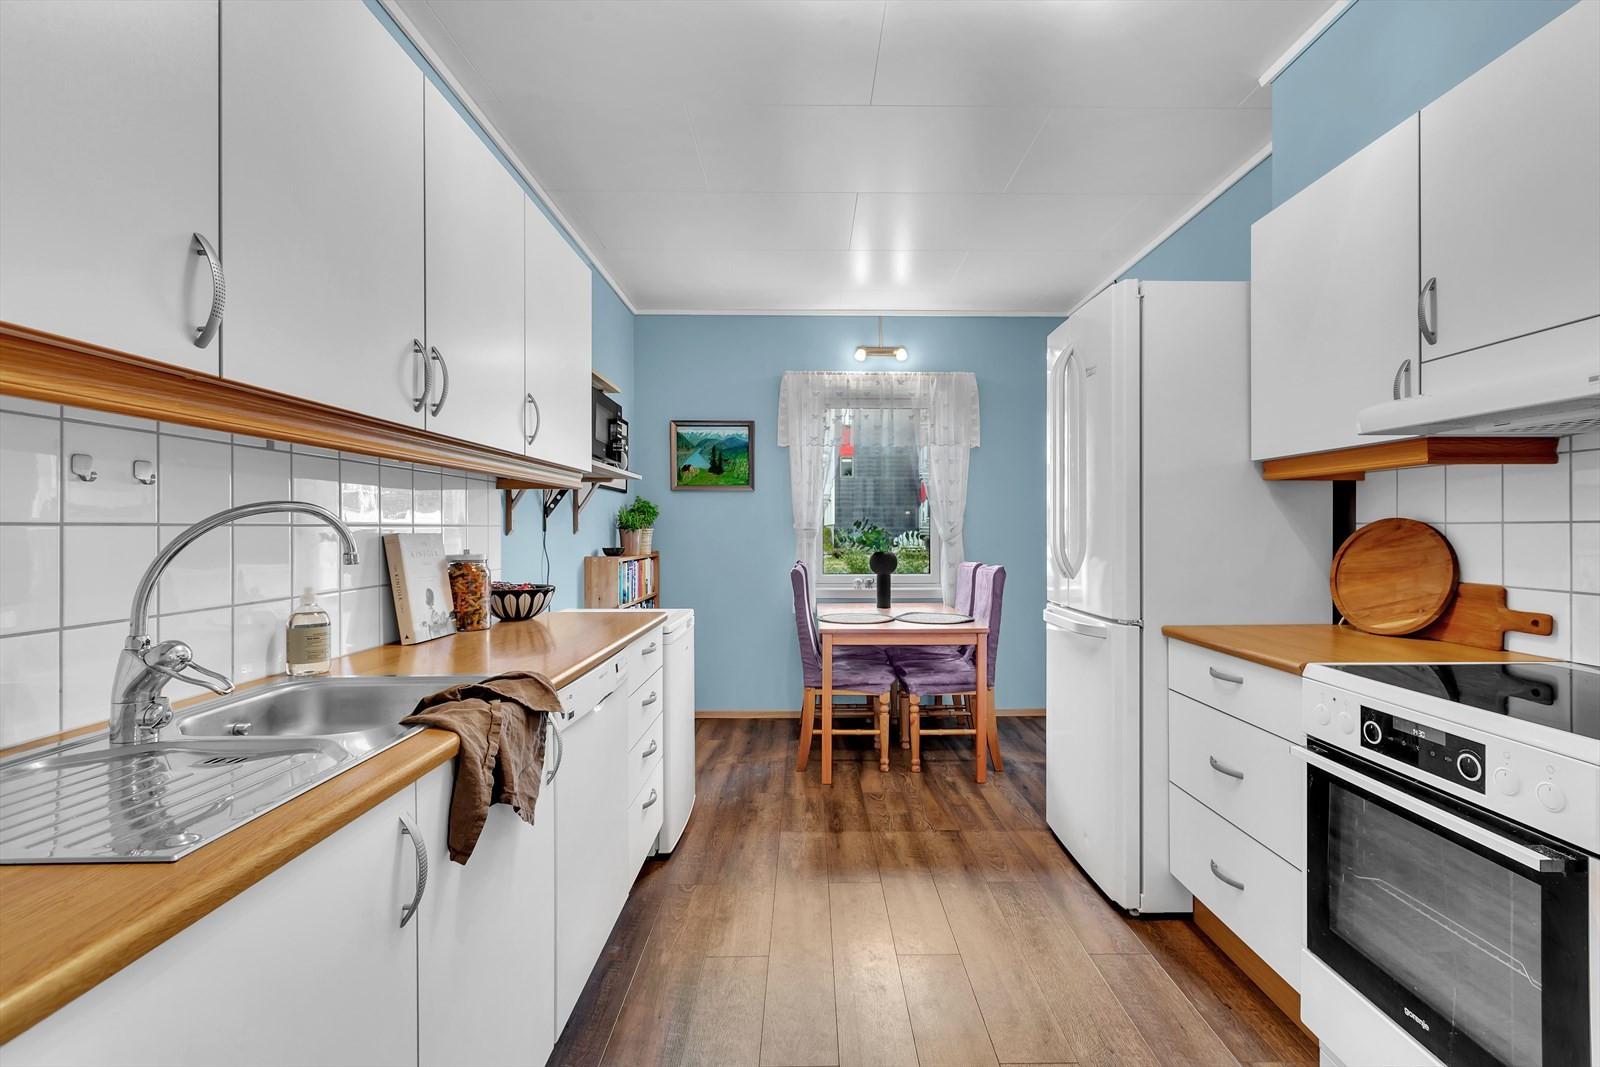 Boligen har ett flott kjøkken med god skap og benkeplass.